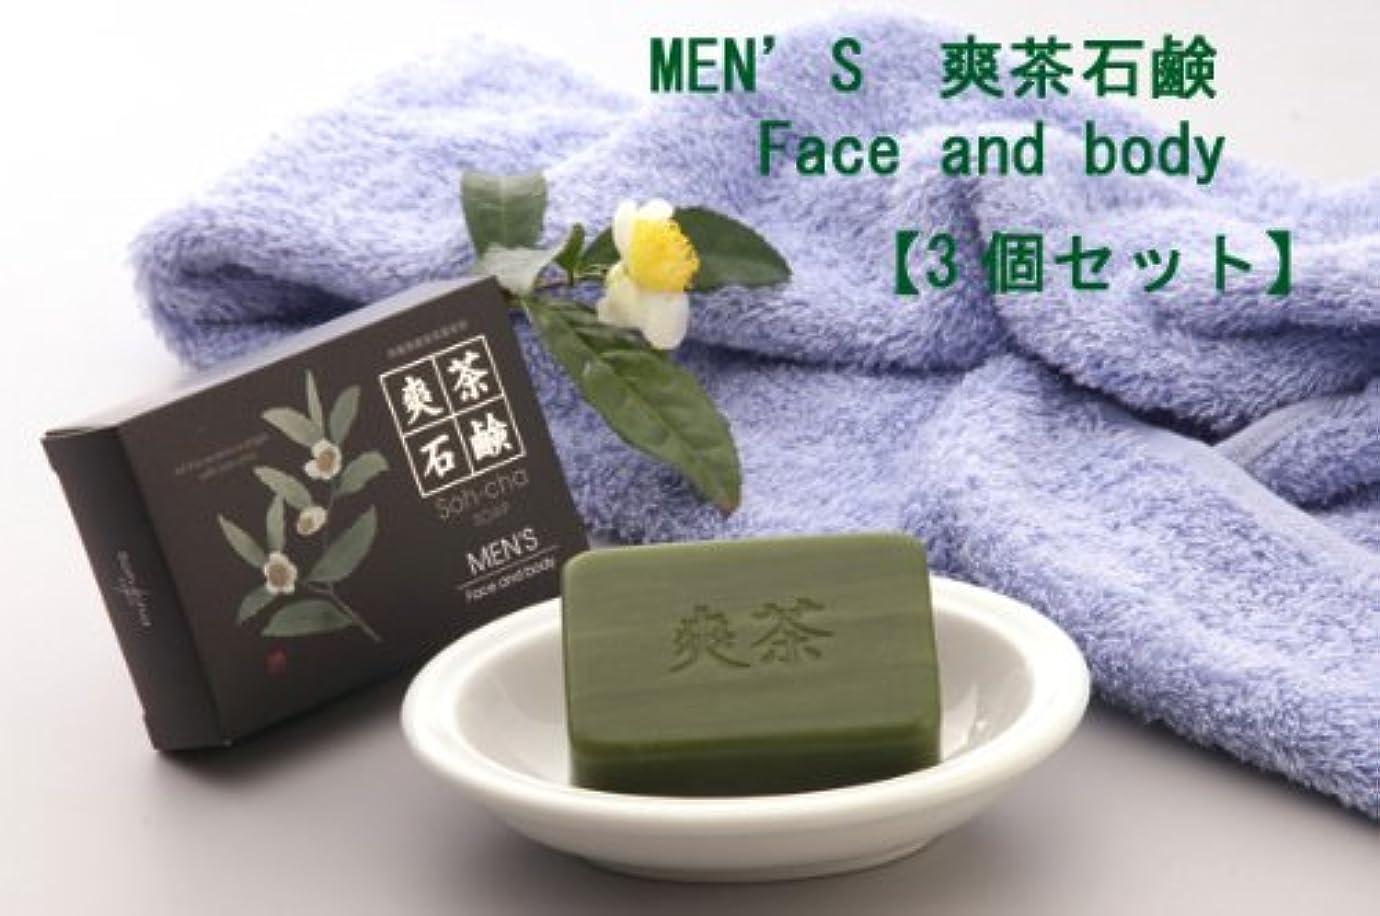 シルク反乱一族MEN'S 爽茶石鹸 Face and body 3個セット(男性用デオドラントボディ+洗顔石鹸)